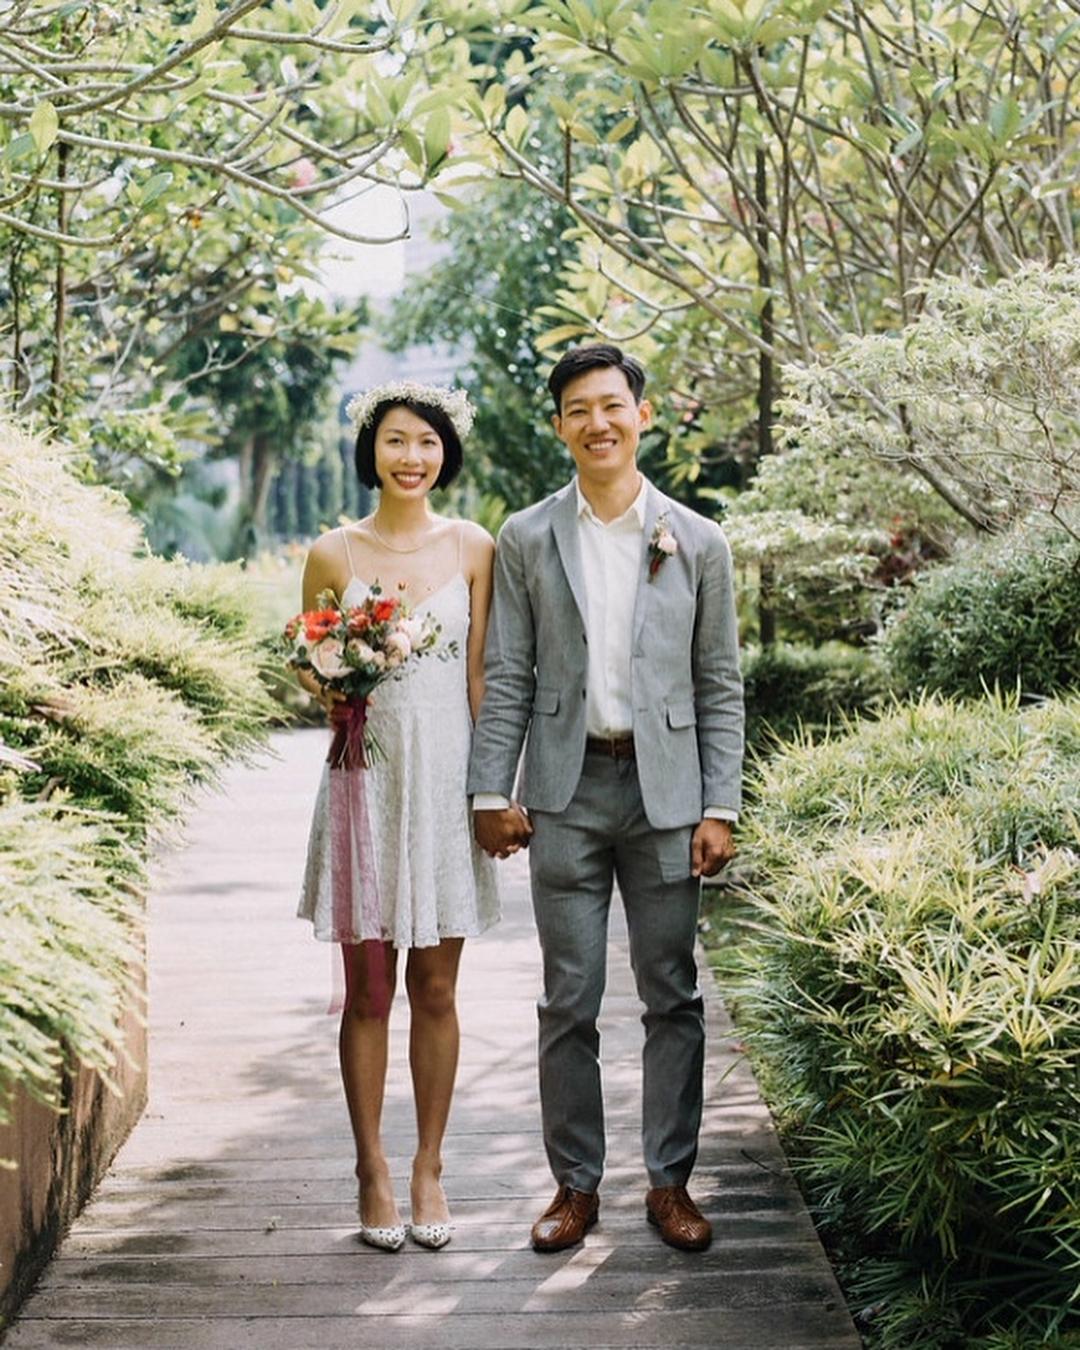 cô dâu mặc đầm cưới ngắn cầm bó hoa cưới kiểu tự nhiên nắm tay chú rể